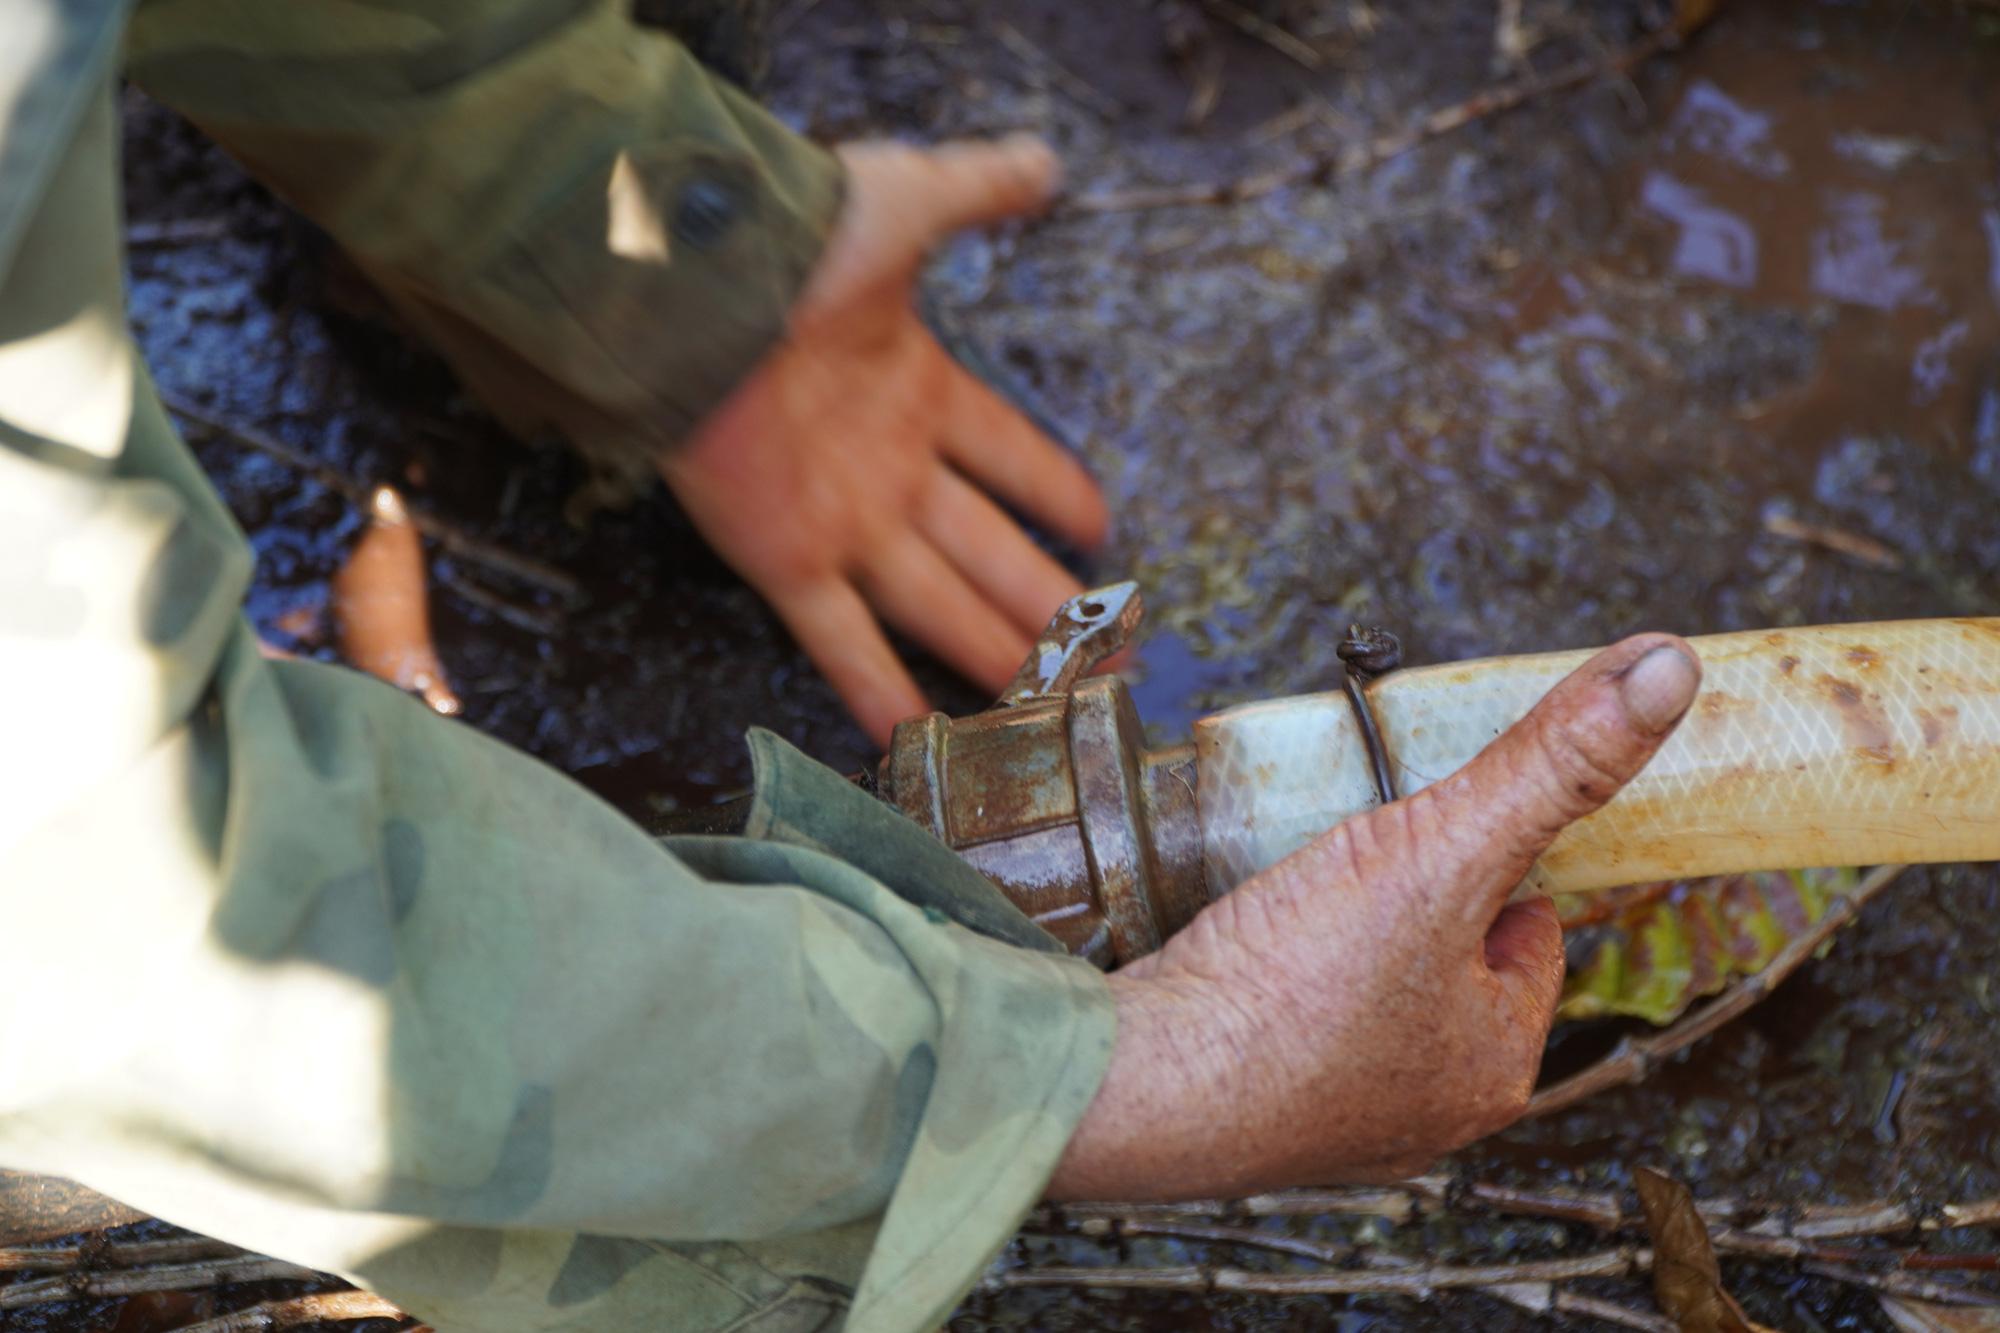 Nông dân Gia Lai hối hả đưa máy móc tưới cho cà phê sai quả - Ảnh 6.